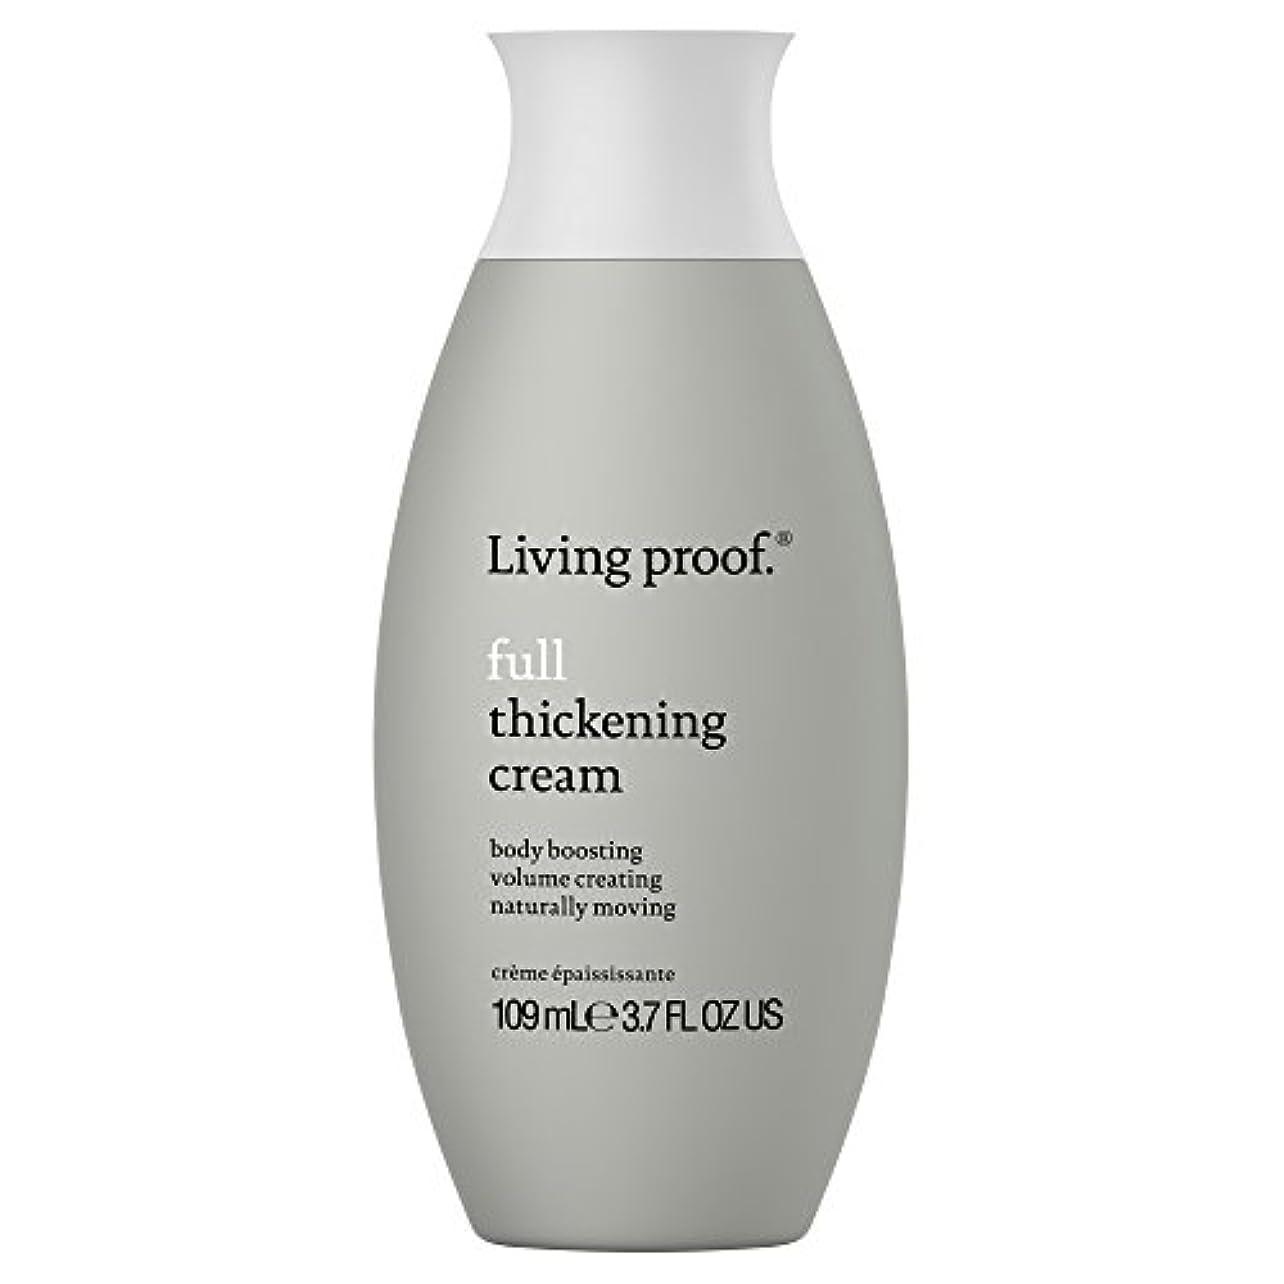 ライフル大理石盲目生きている証拠フル肥厚クリーム109ミリリットル (Living Proof) - Living Proof Full Thickening Cream 109ml [並行輸入品]